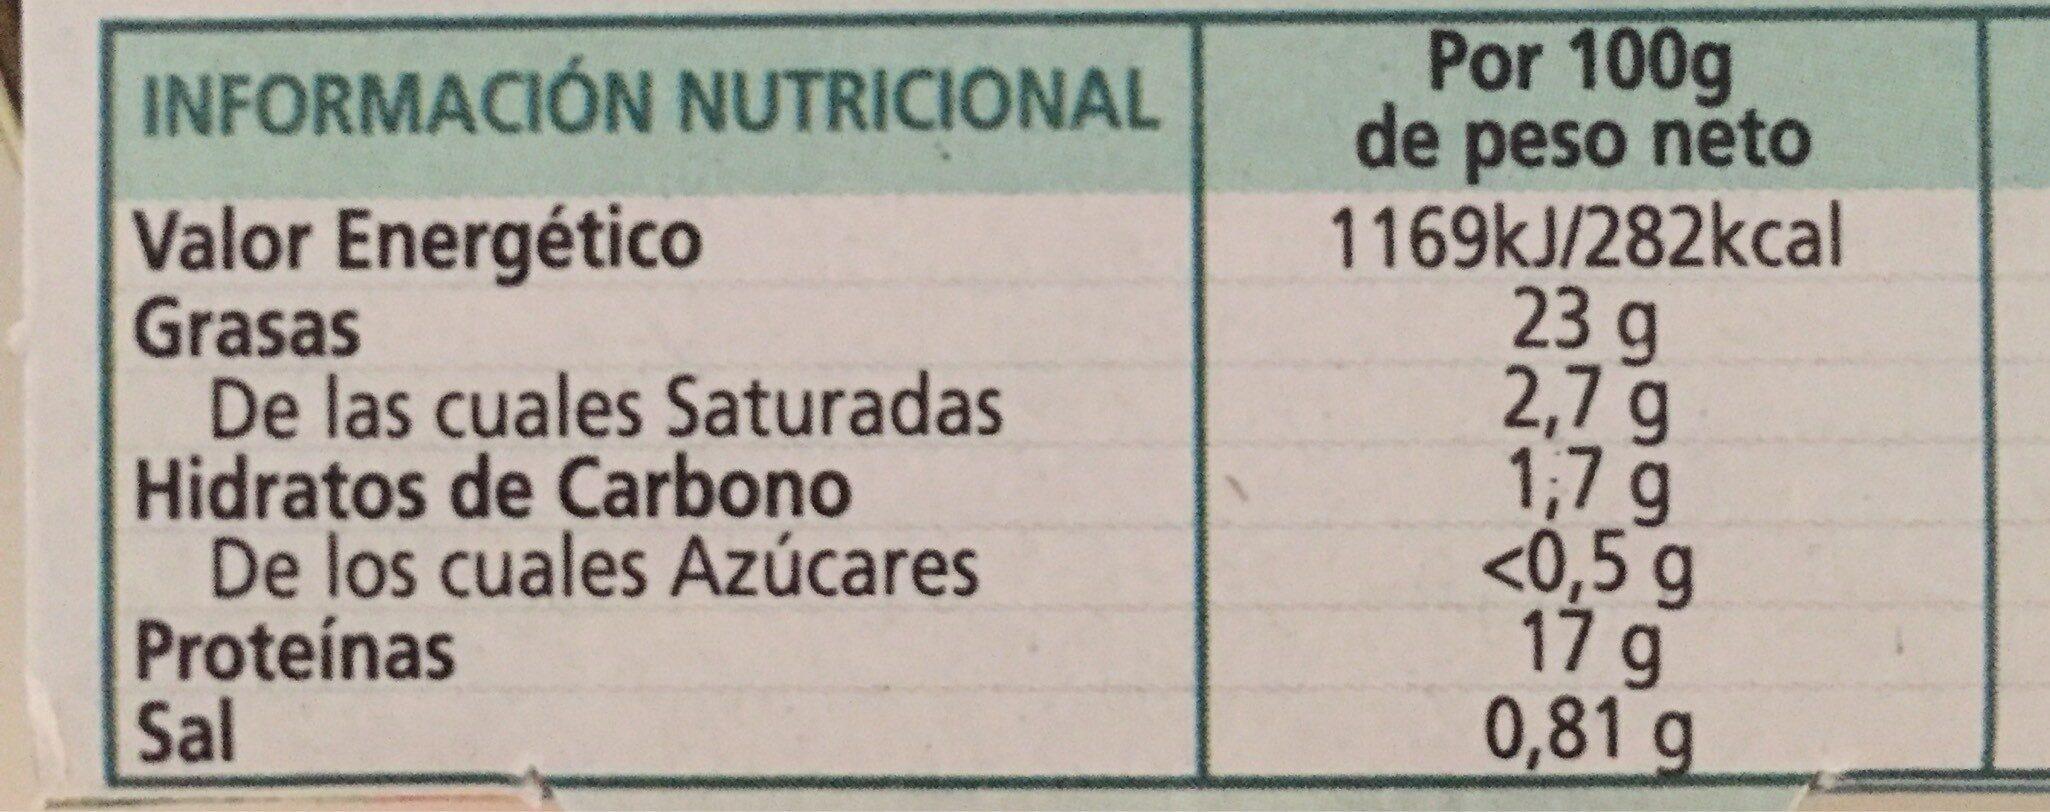 Tacos De Pota Marinera - Informations nutritionnelles